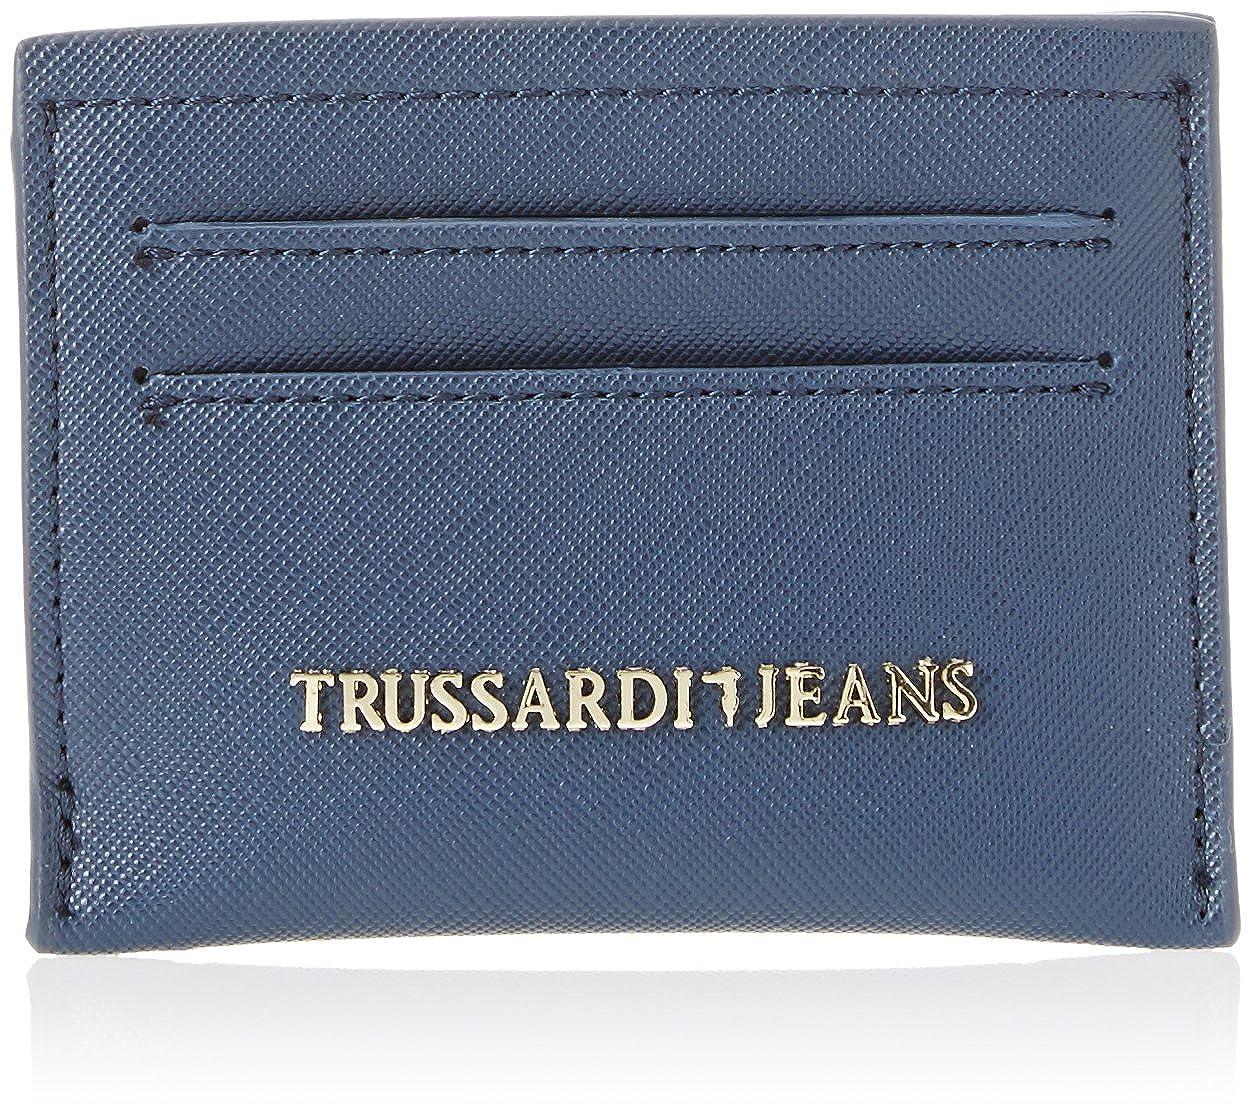 Trussardi Jeans 75w00041-1y090122 - Tarjeteros Mujer